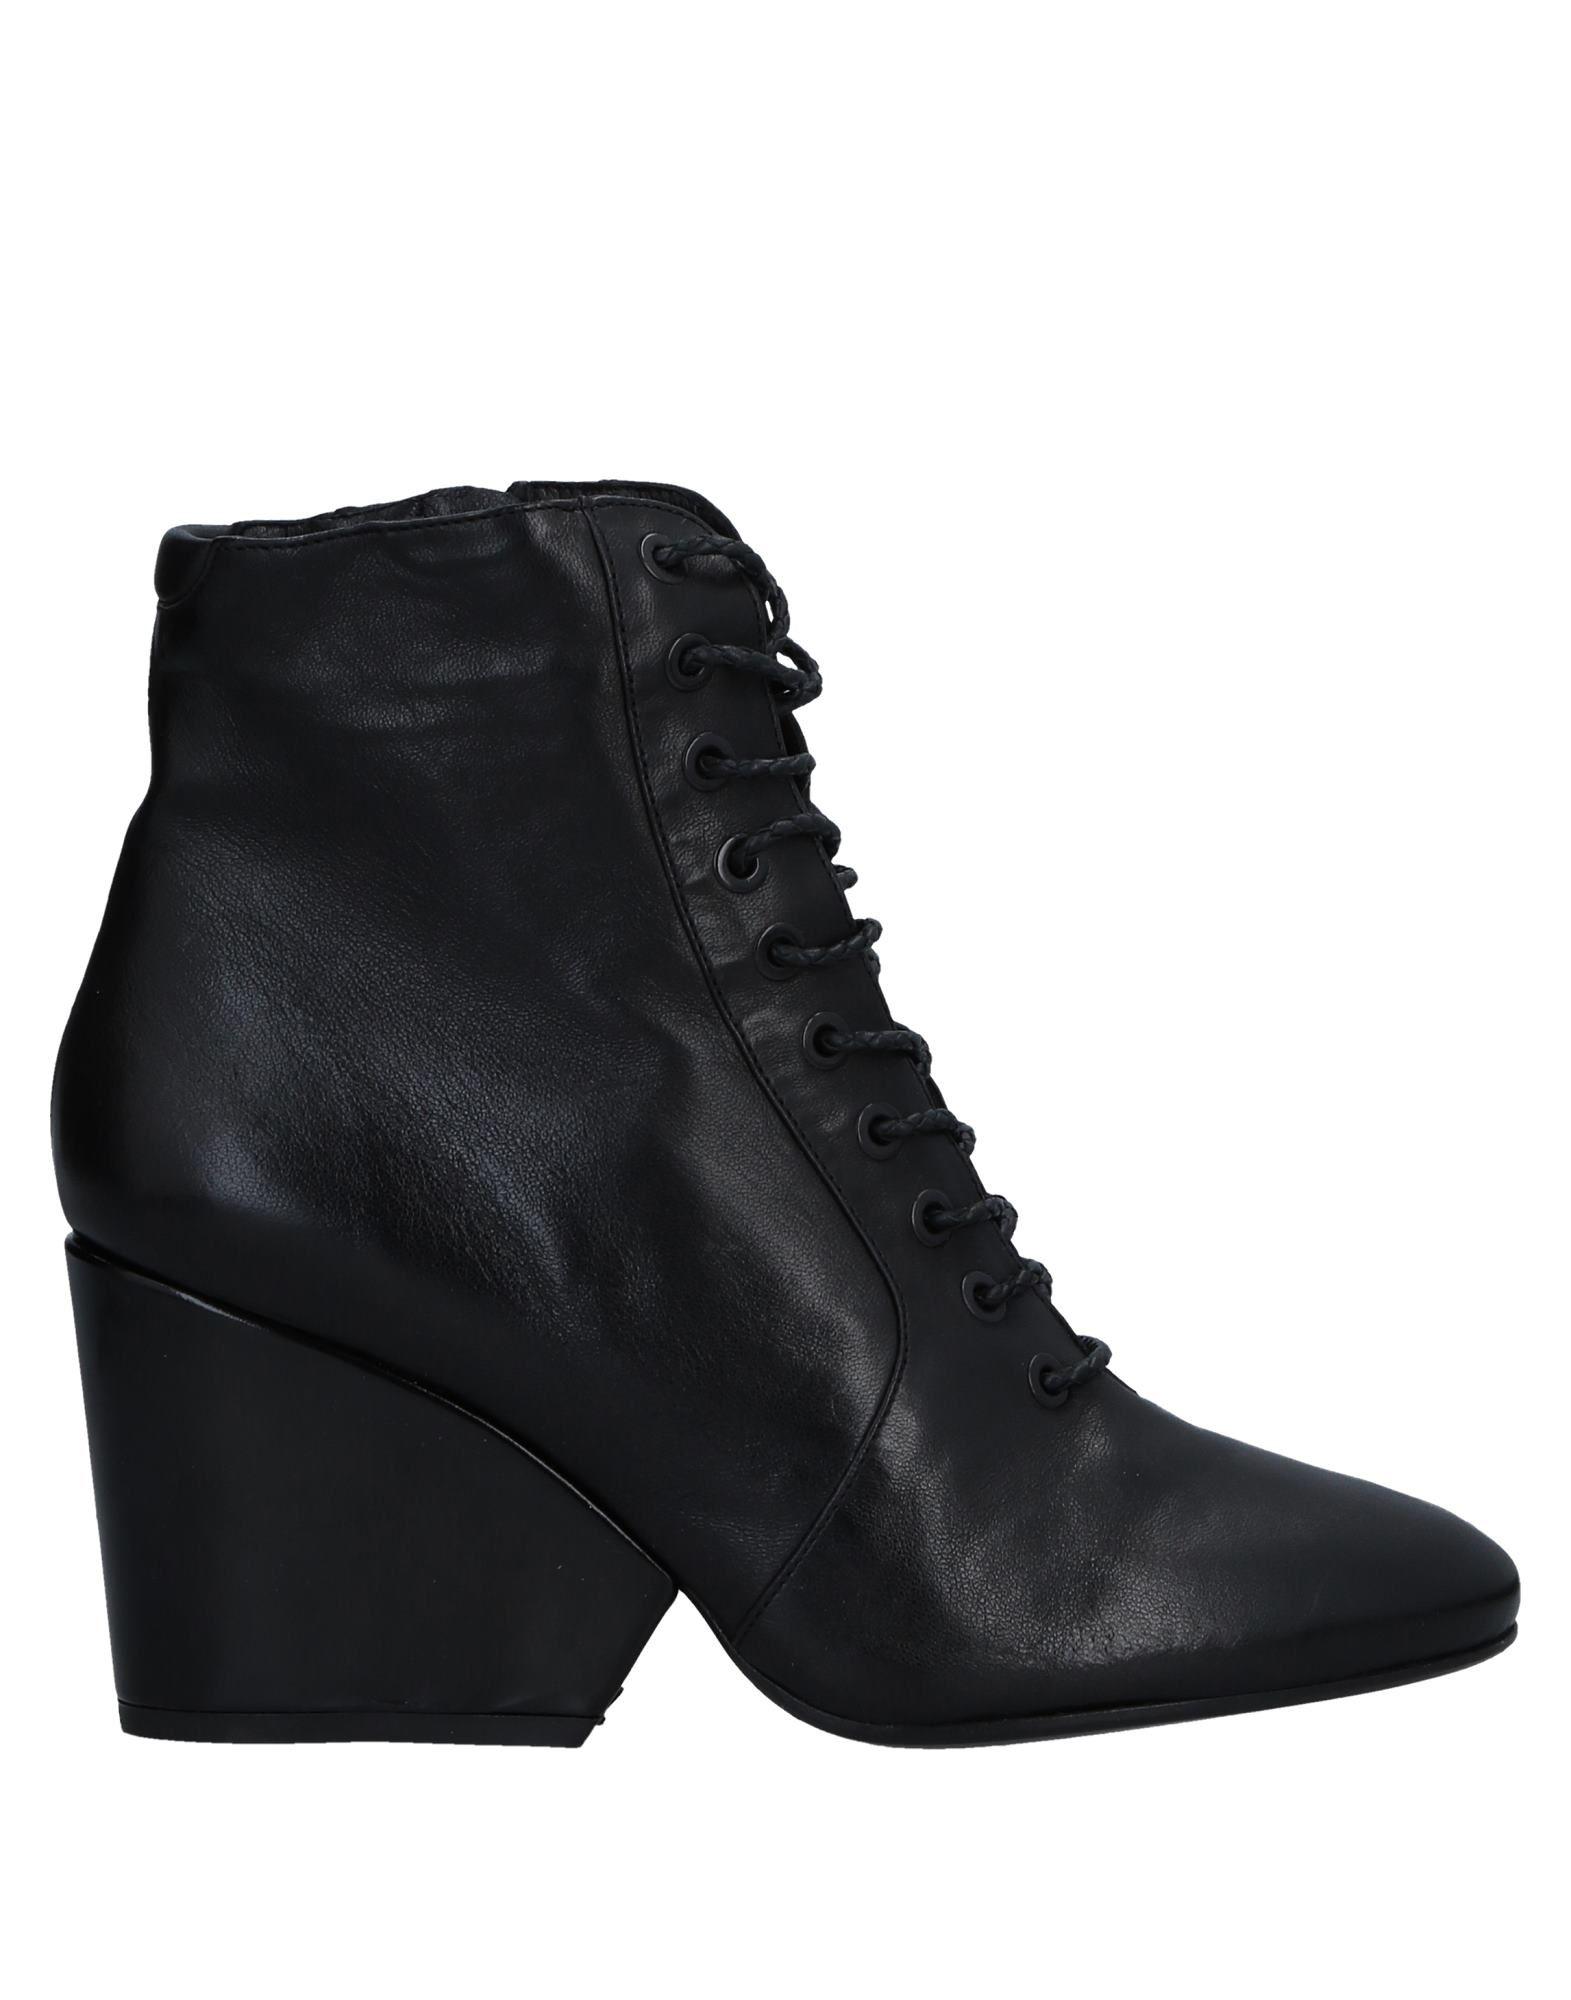 Robert Clergerie Stiefelette Damen  11533808MLGünstige gut aussehende Schuhe